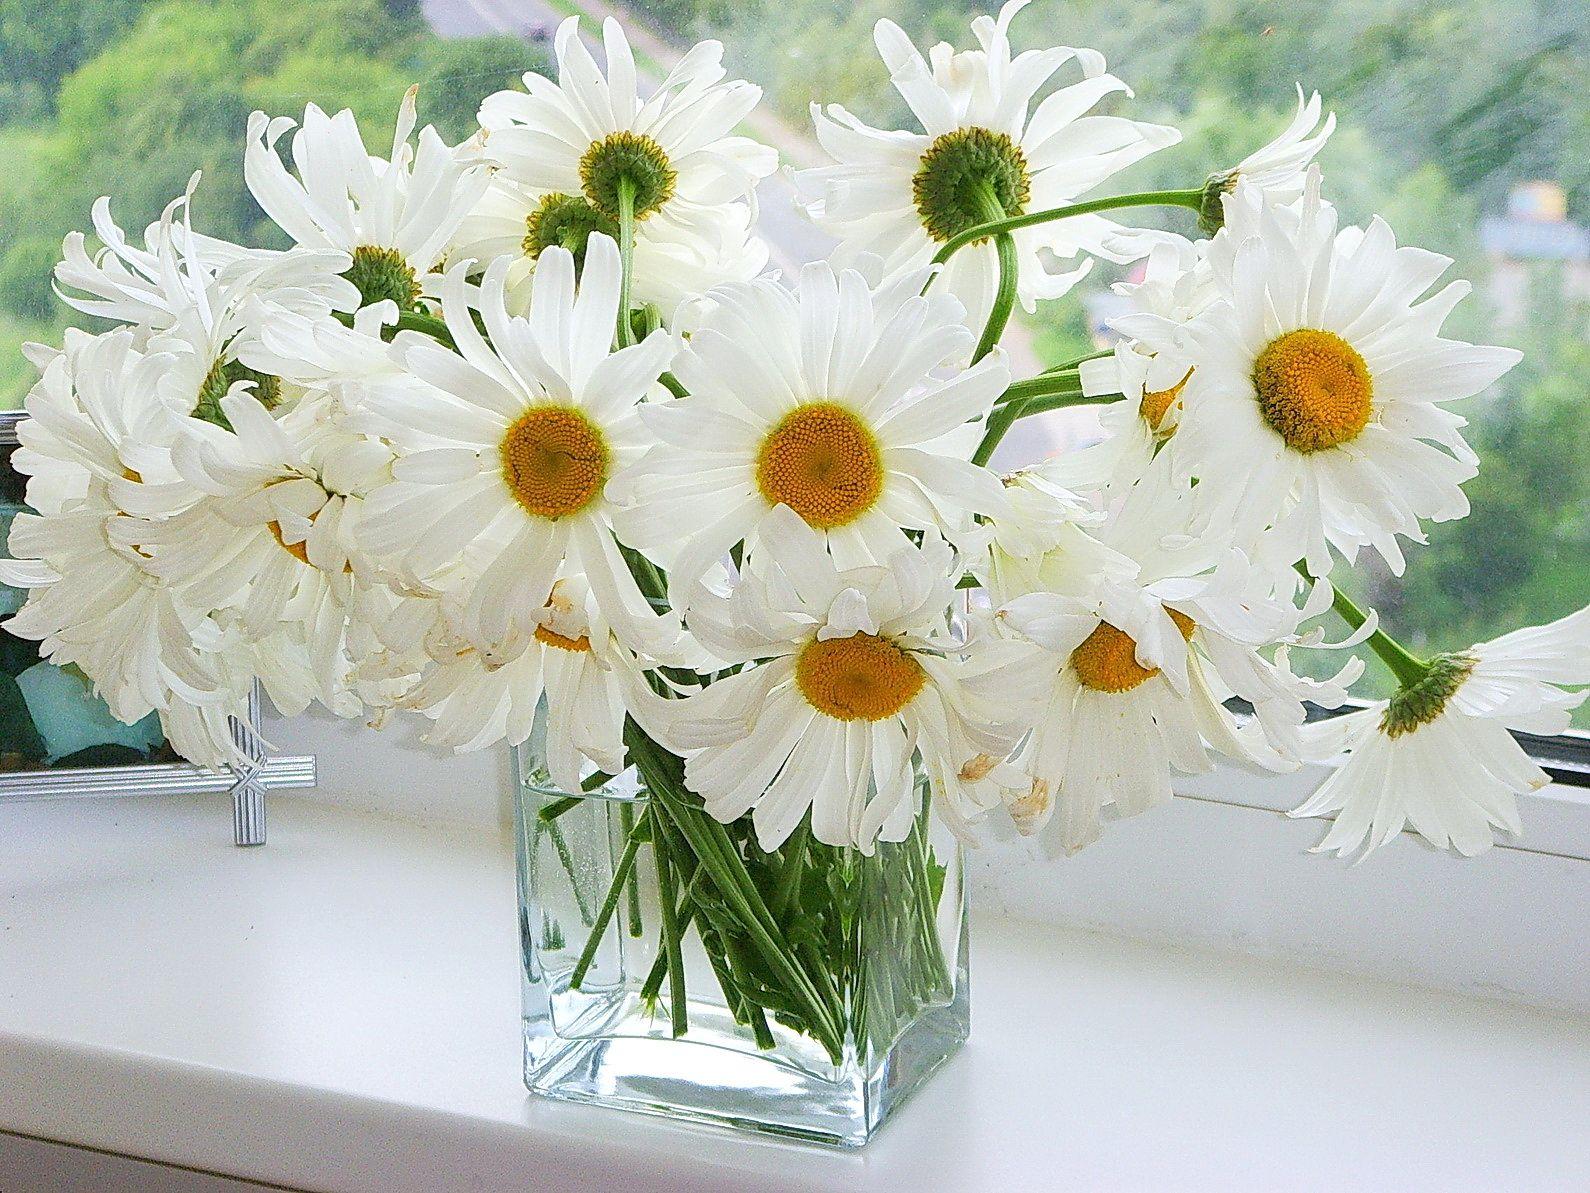 С днем рождения картинка с цветами белая